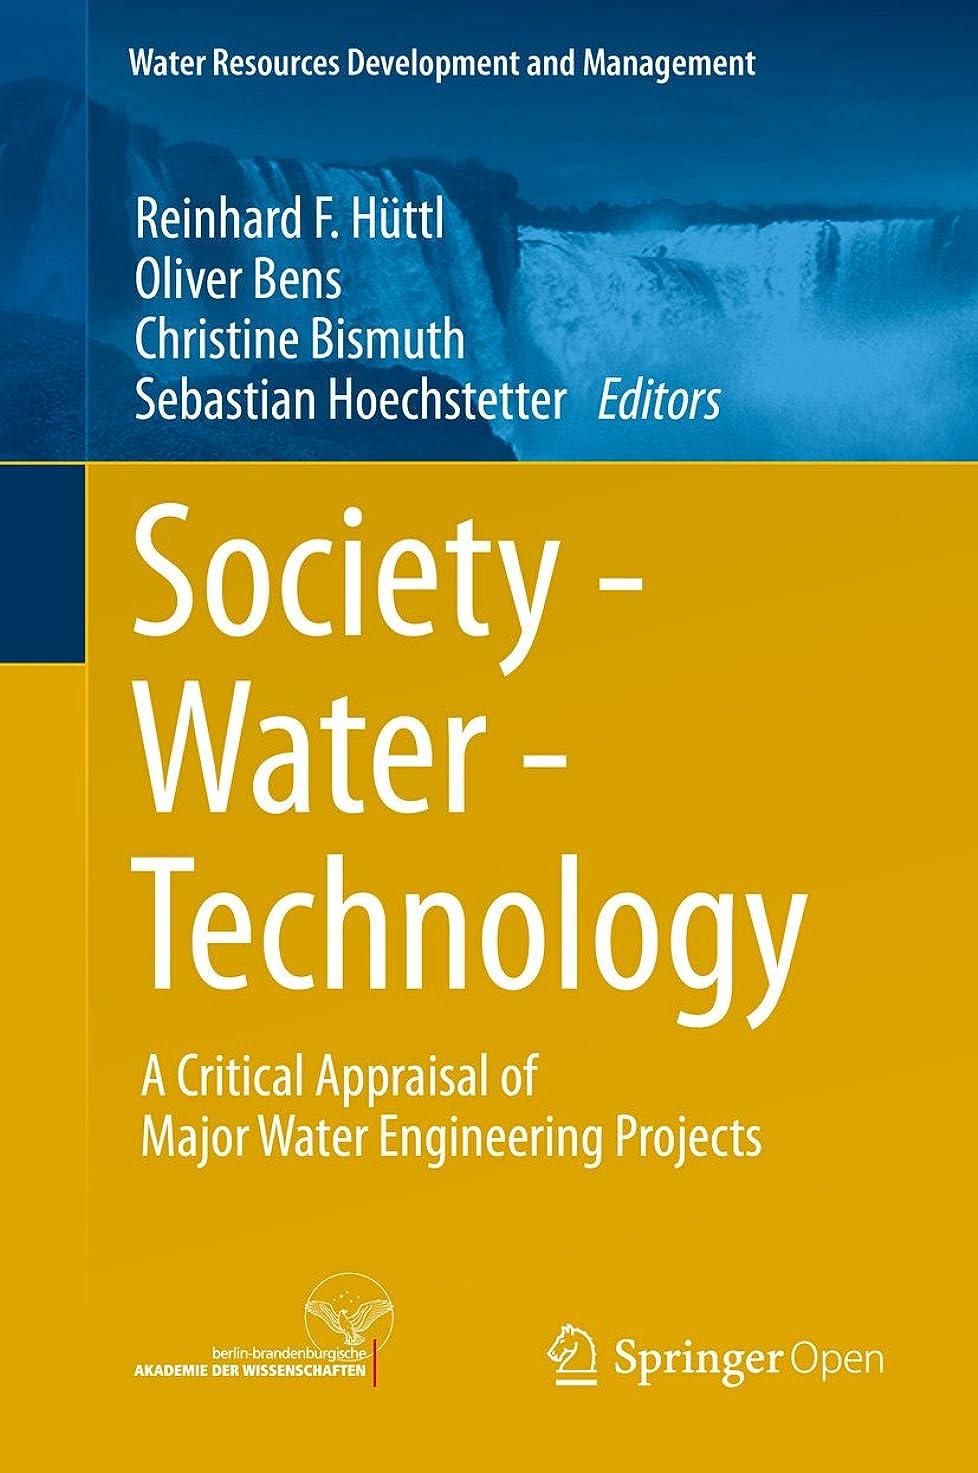 オリエンテーション解釈硬いSociety - Water - Technology: A Critical Appraisal of Major Water Engineering Projects (Water Resources Development and Management) (English Edition)